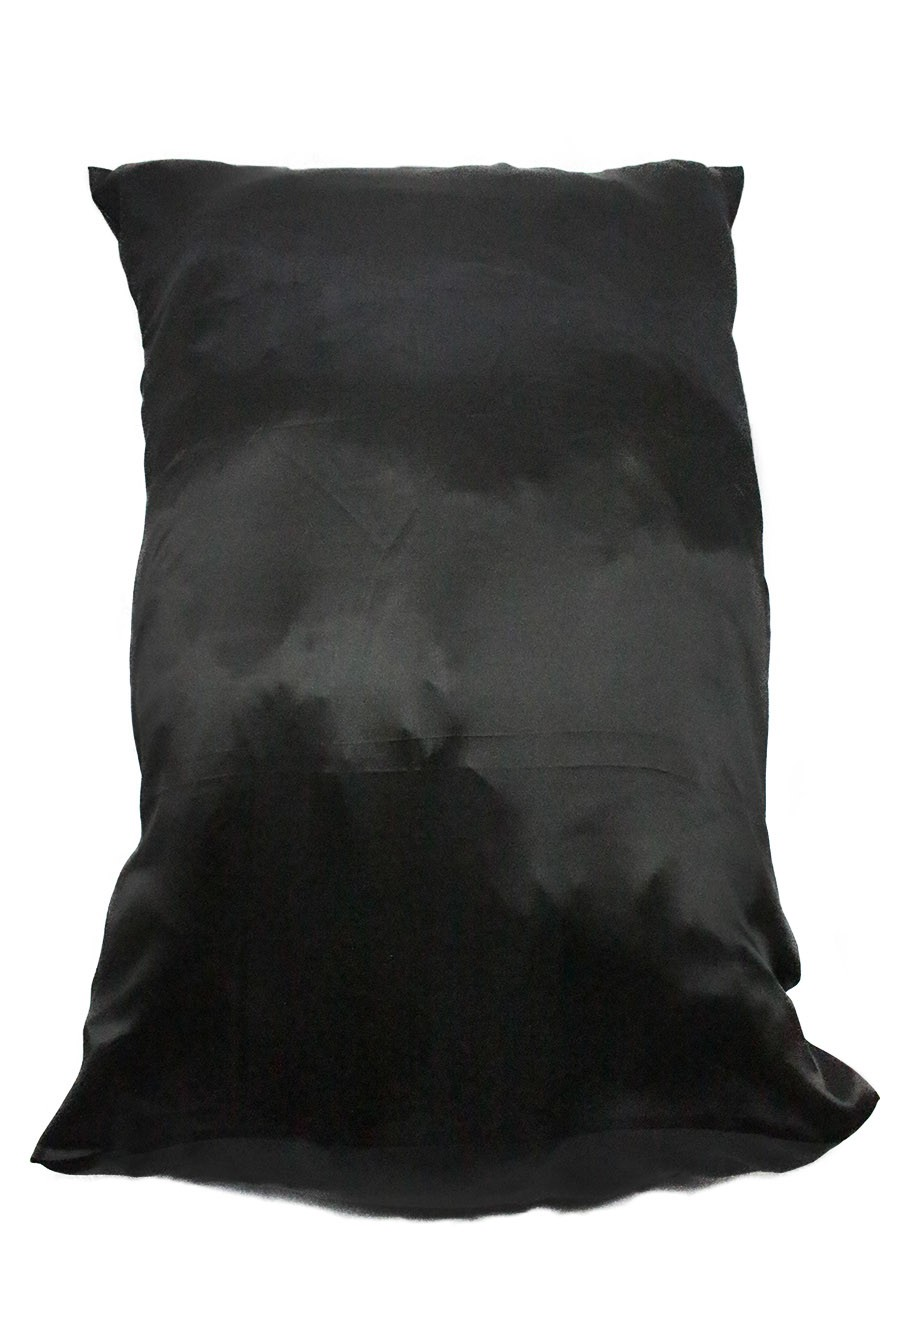 Fronha para Travesseiro de Cetim